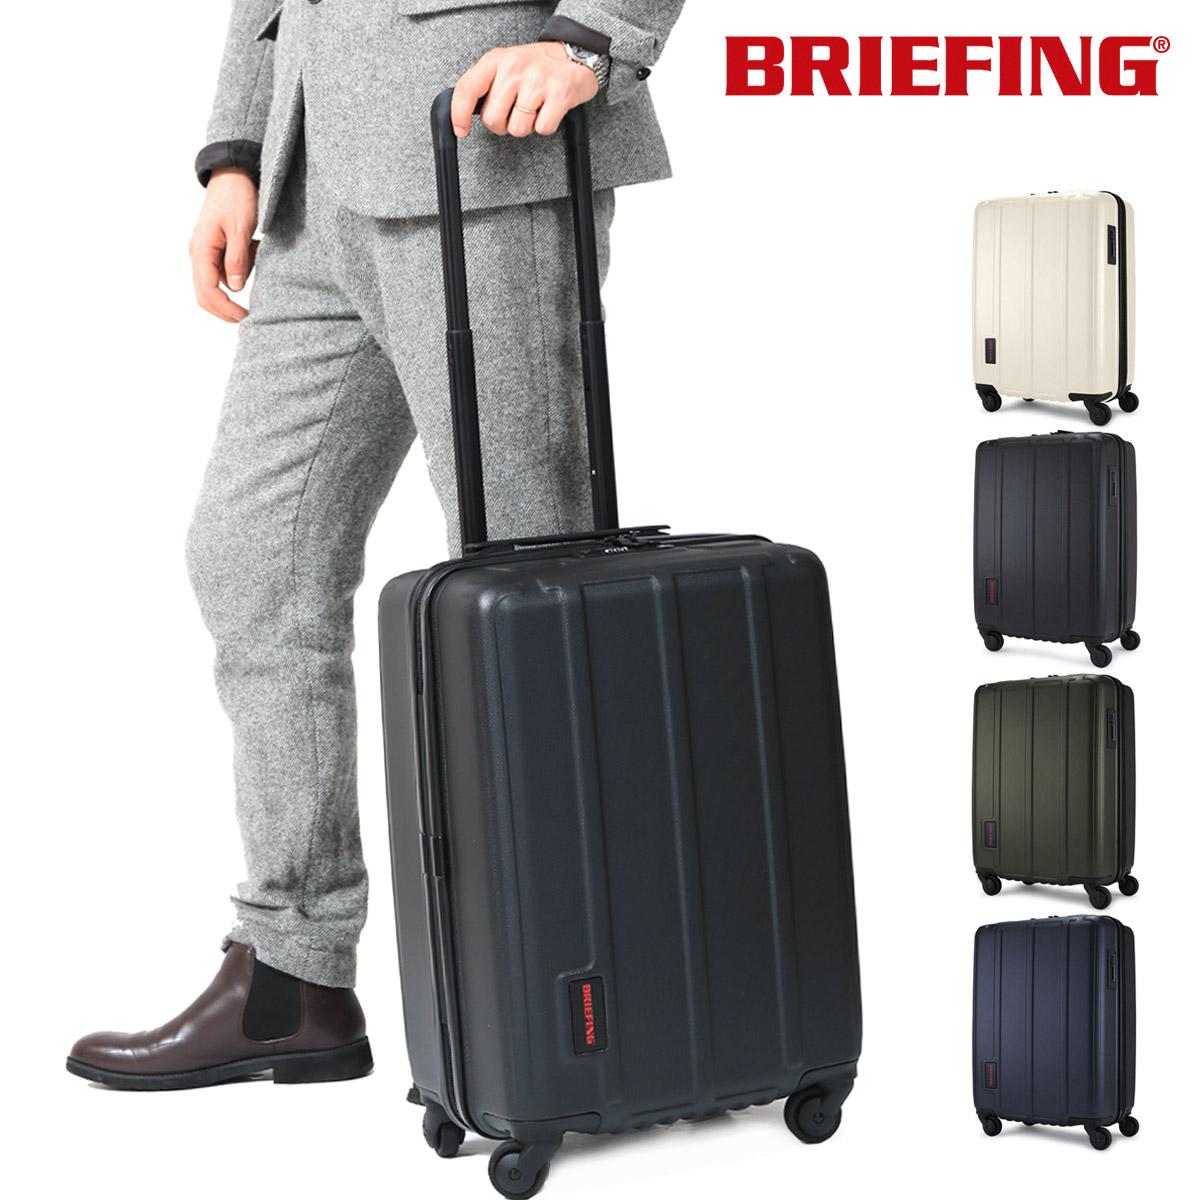 ブリーフィング スーツケース HARD CASE BRF304219 BRIEFING H-37 ハードケース ジッパー キャリーケース 旅行 トラベル ビジネス ポリカーボネート メンズ[bef][即日発送][PO10]